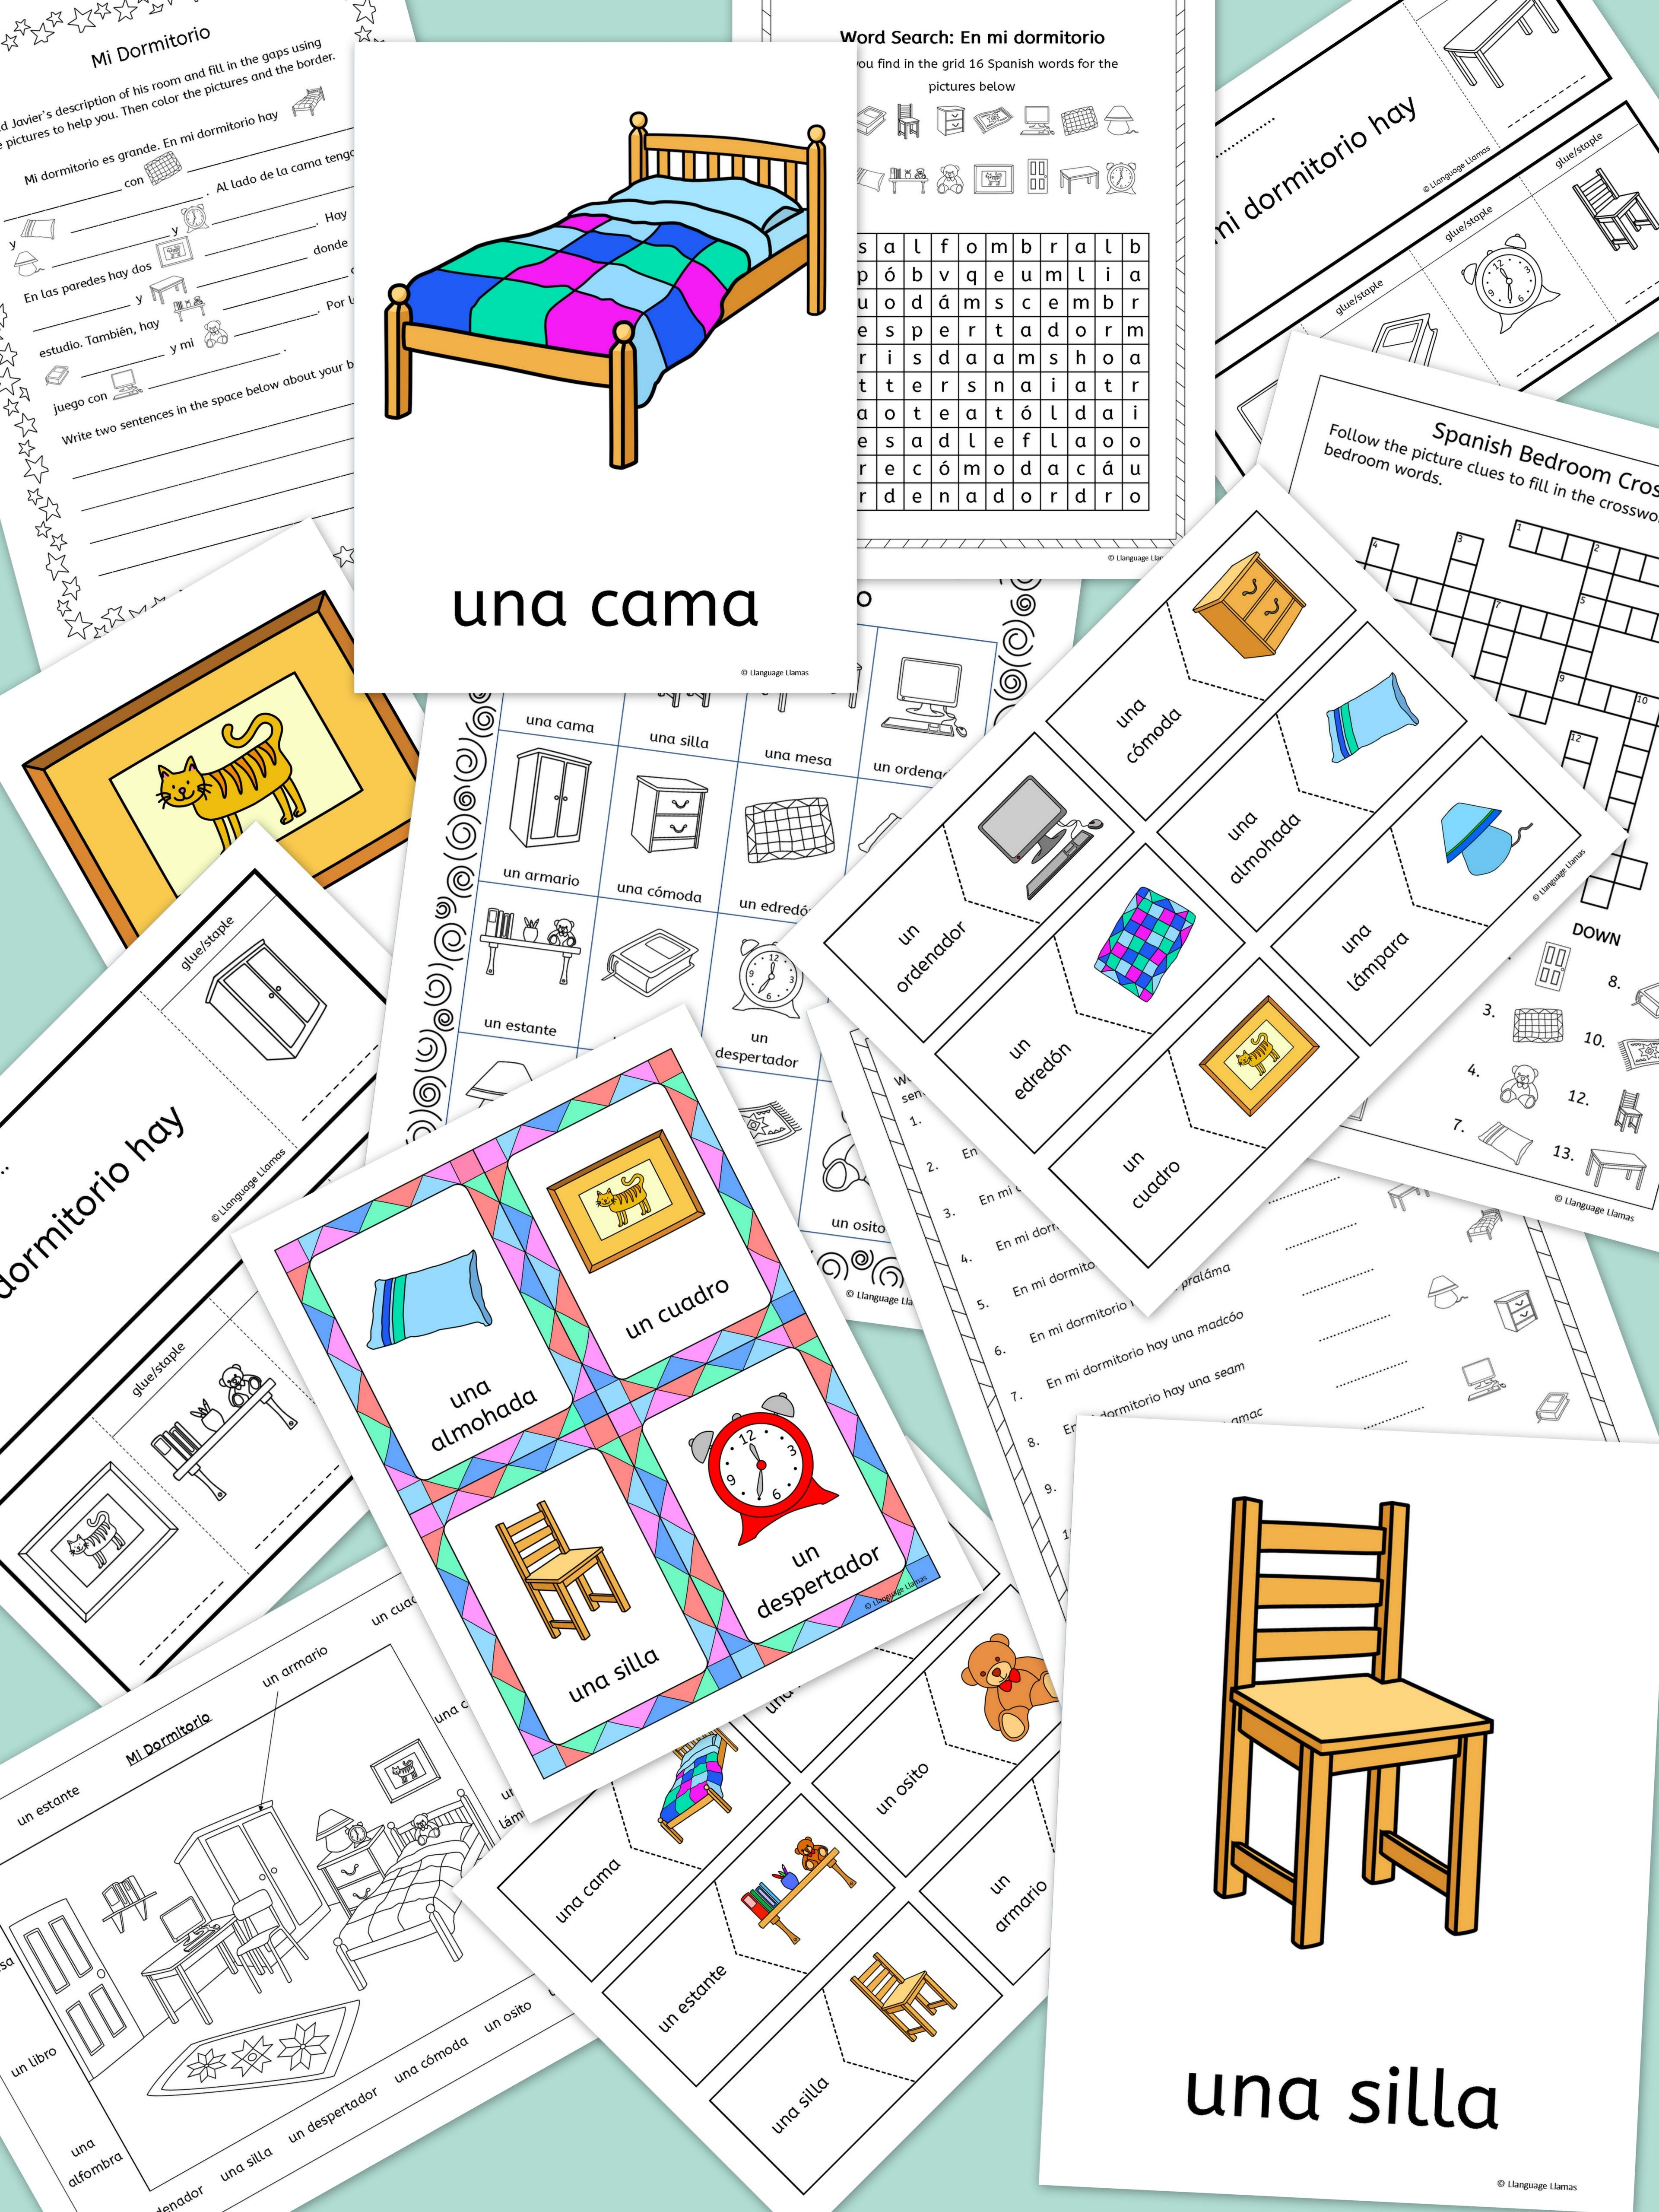 Llanguage Llamas Spanish Bedroom Vocabulary Mi